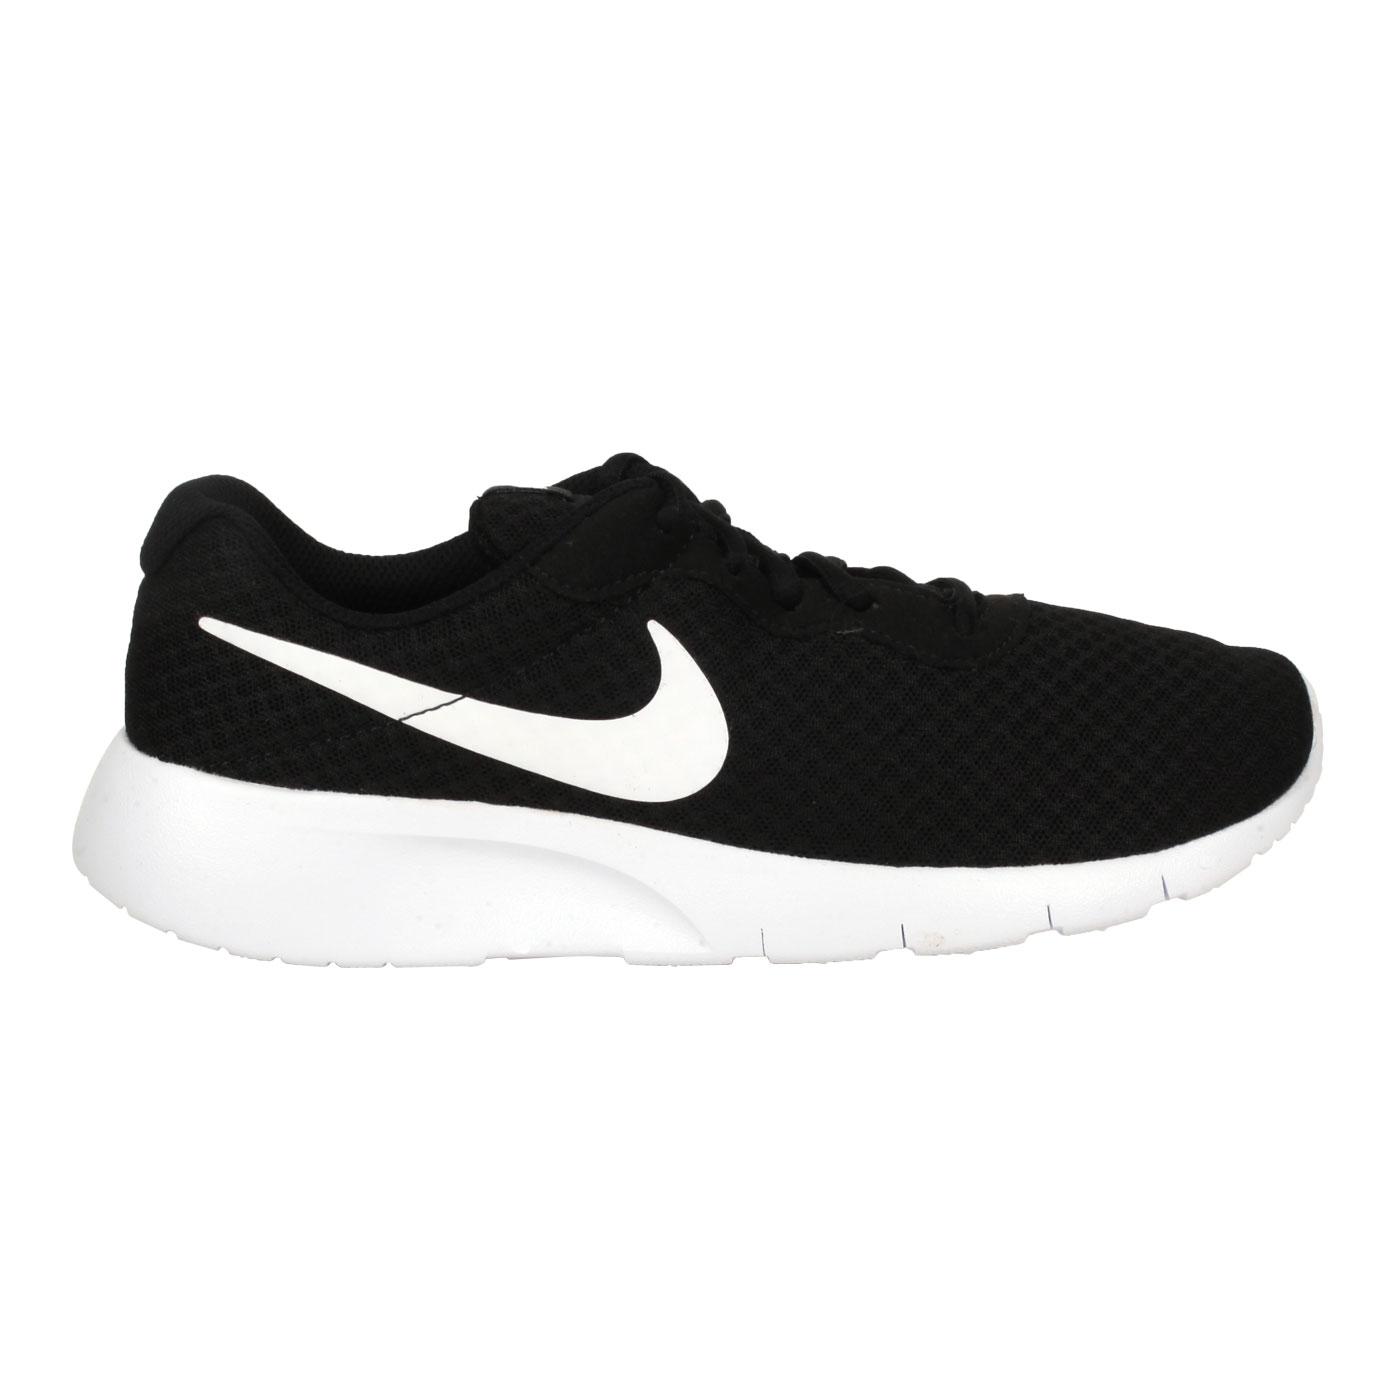 NIKE 女款休閒運動鞋  @TANJUN(GS)@818381011 - 黑白